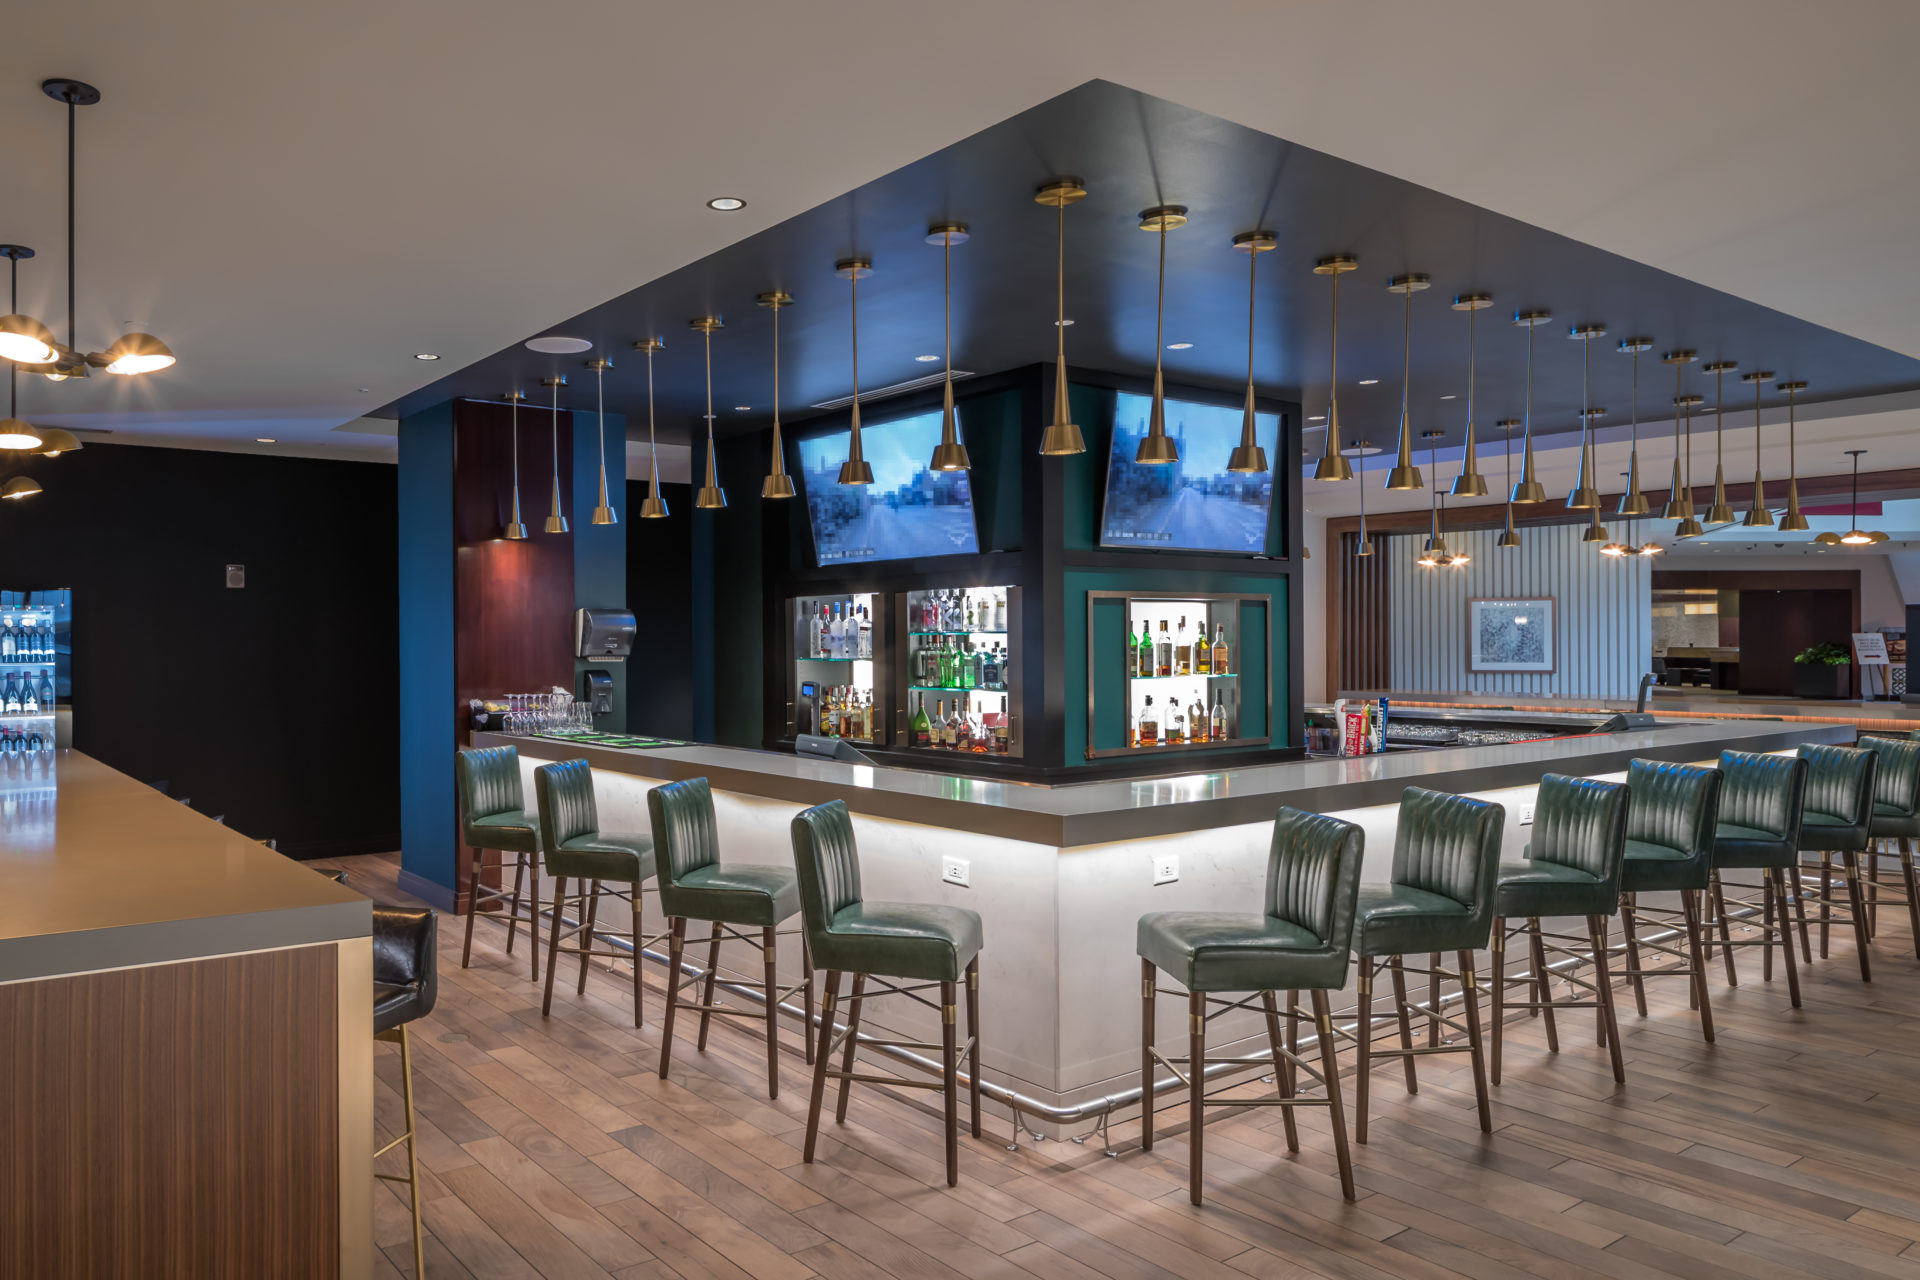 Hilton bar with tiled flooring